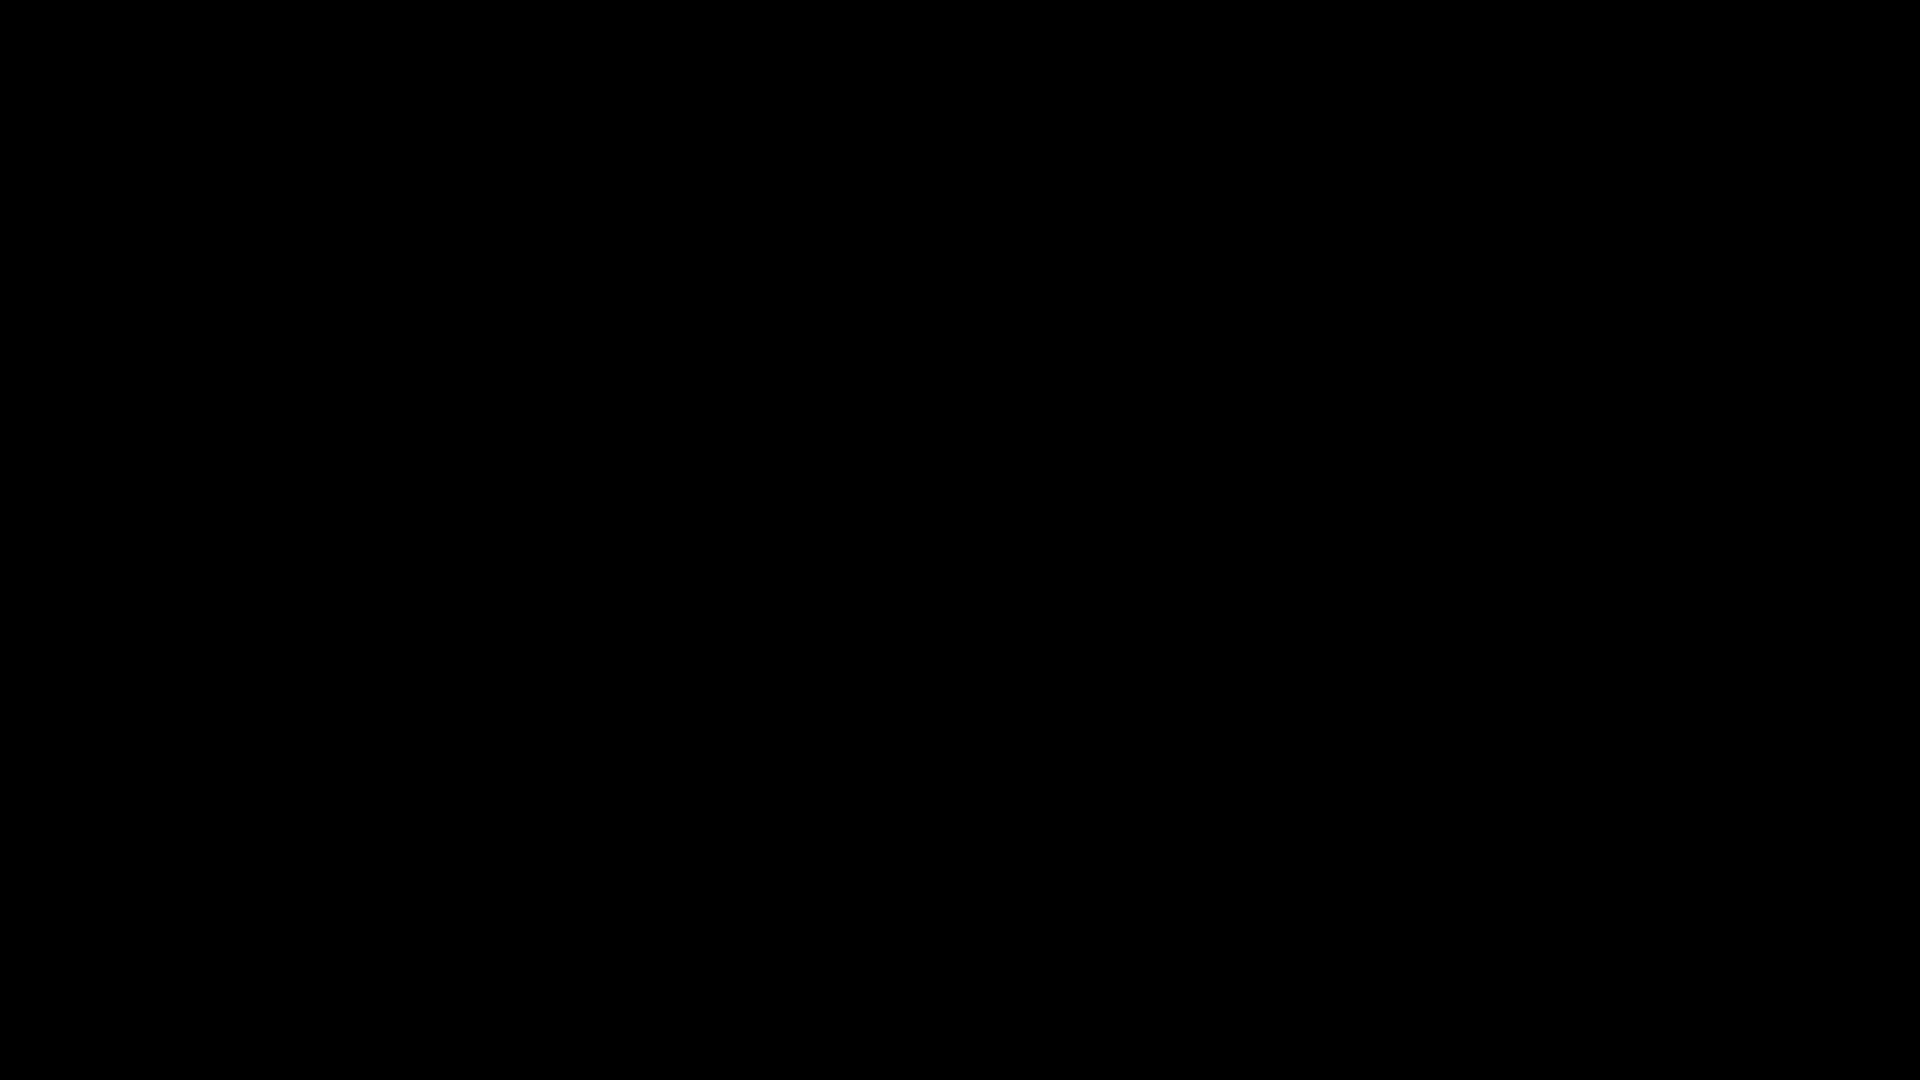 関西GALのオメコは無毛がキホン - ルナ【コスプレ・ギャル・中出し】